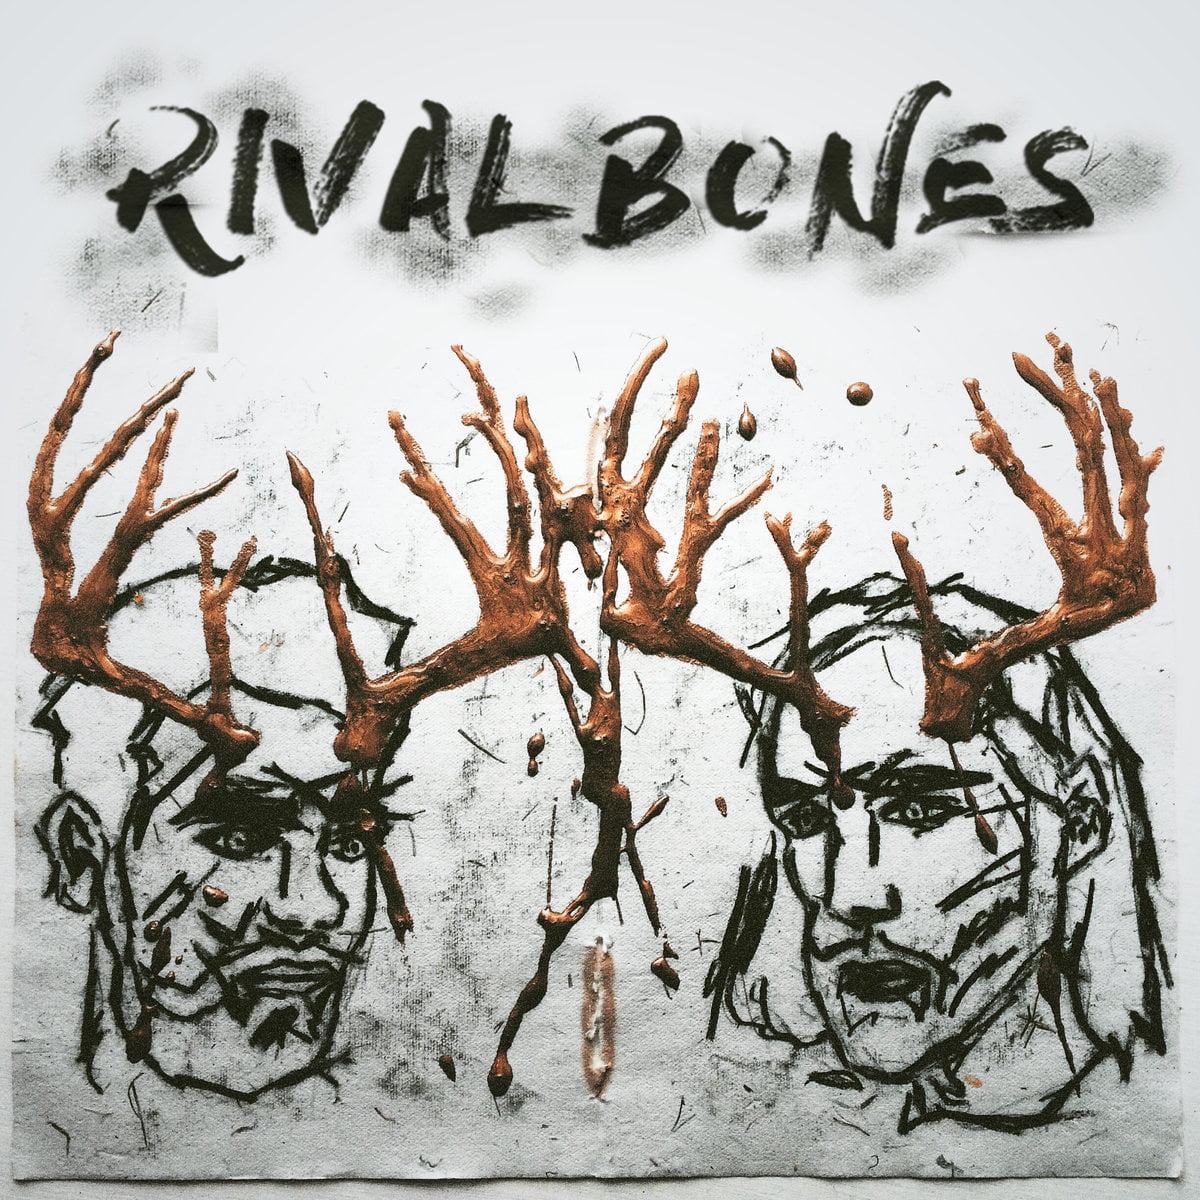 Rival Bones: de Liverpool para o Brasil, banda lança EP de estreia pela Hellion Records